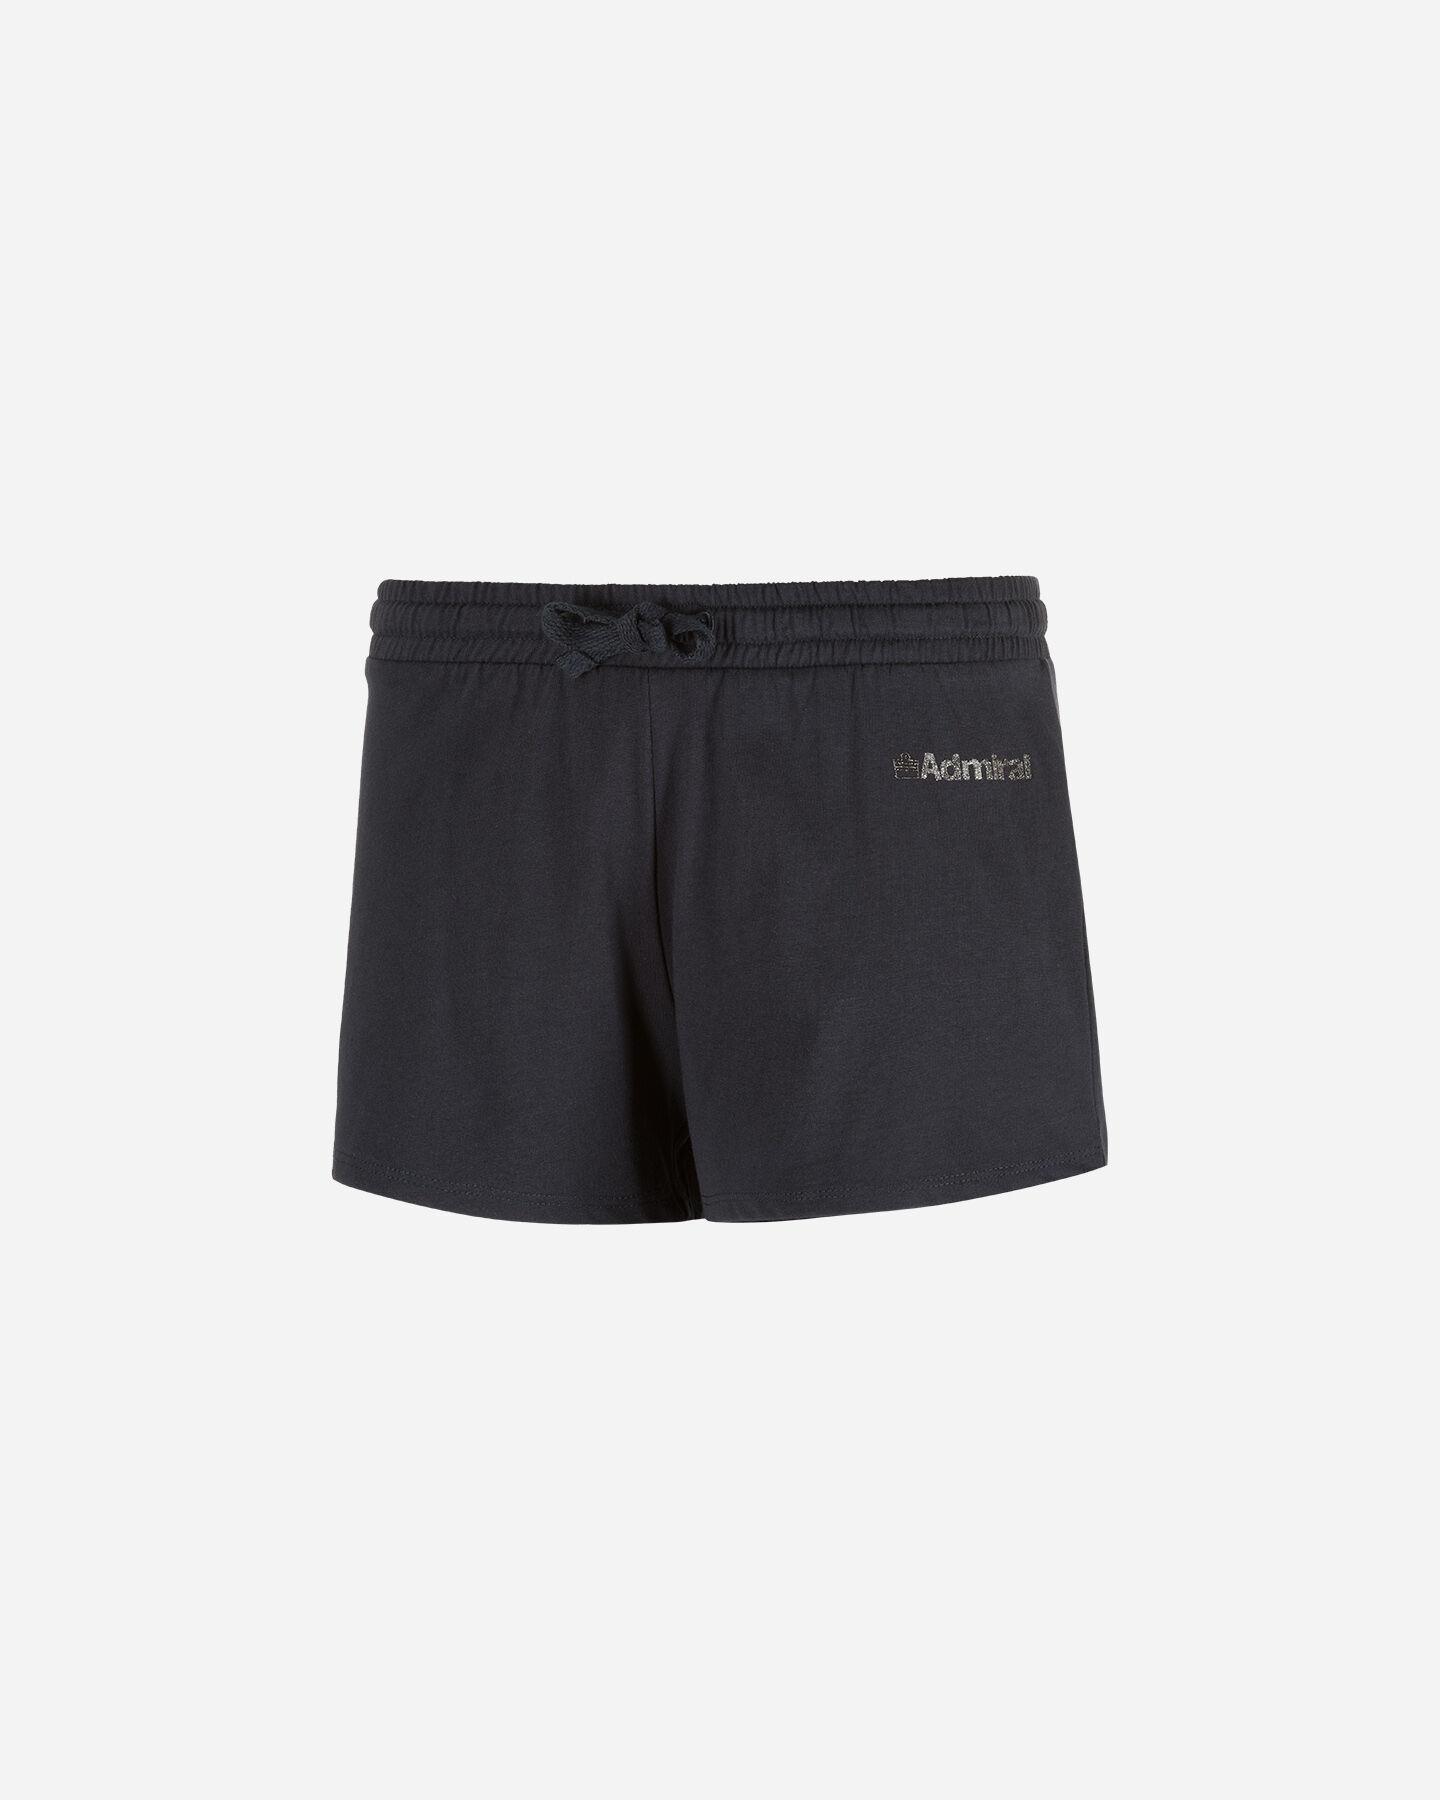 Pantaloncini ADMIRAL BASIC  W S4077375 scatto 0